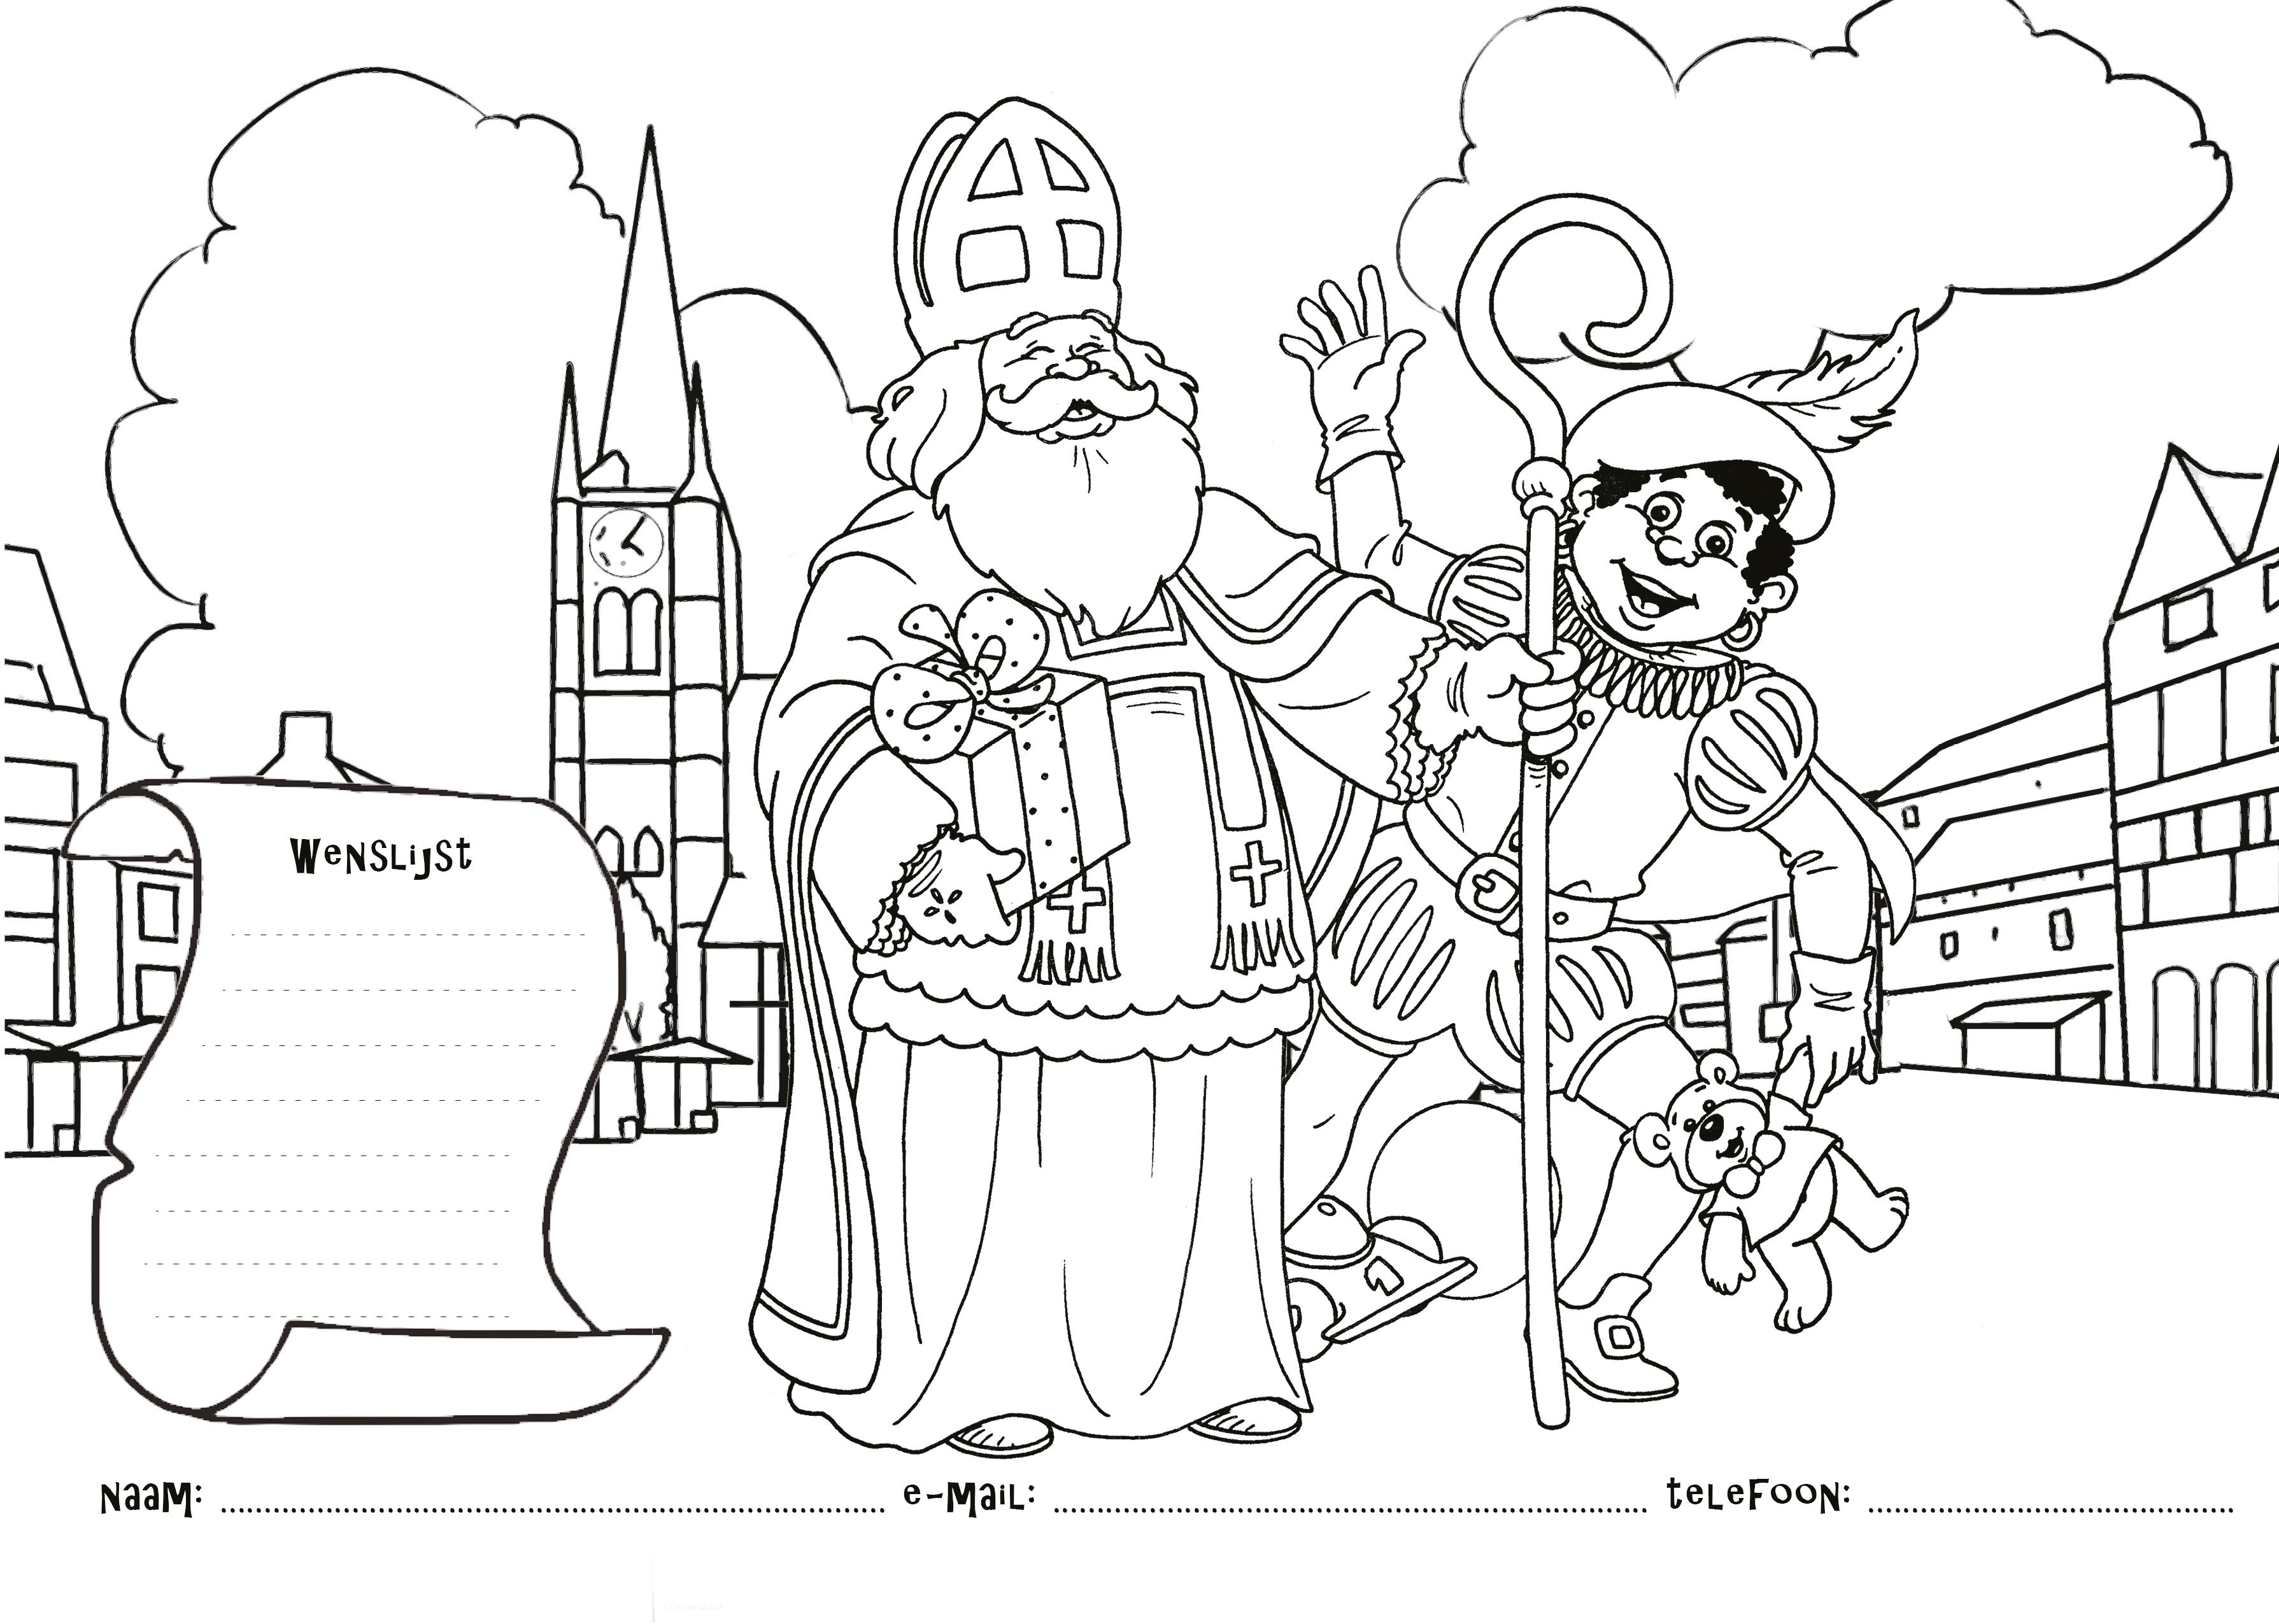 Maak Een Mooie Tekening Voor De Sint En Ontvang Een Leuk